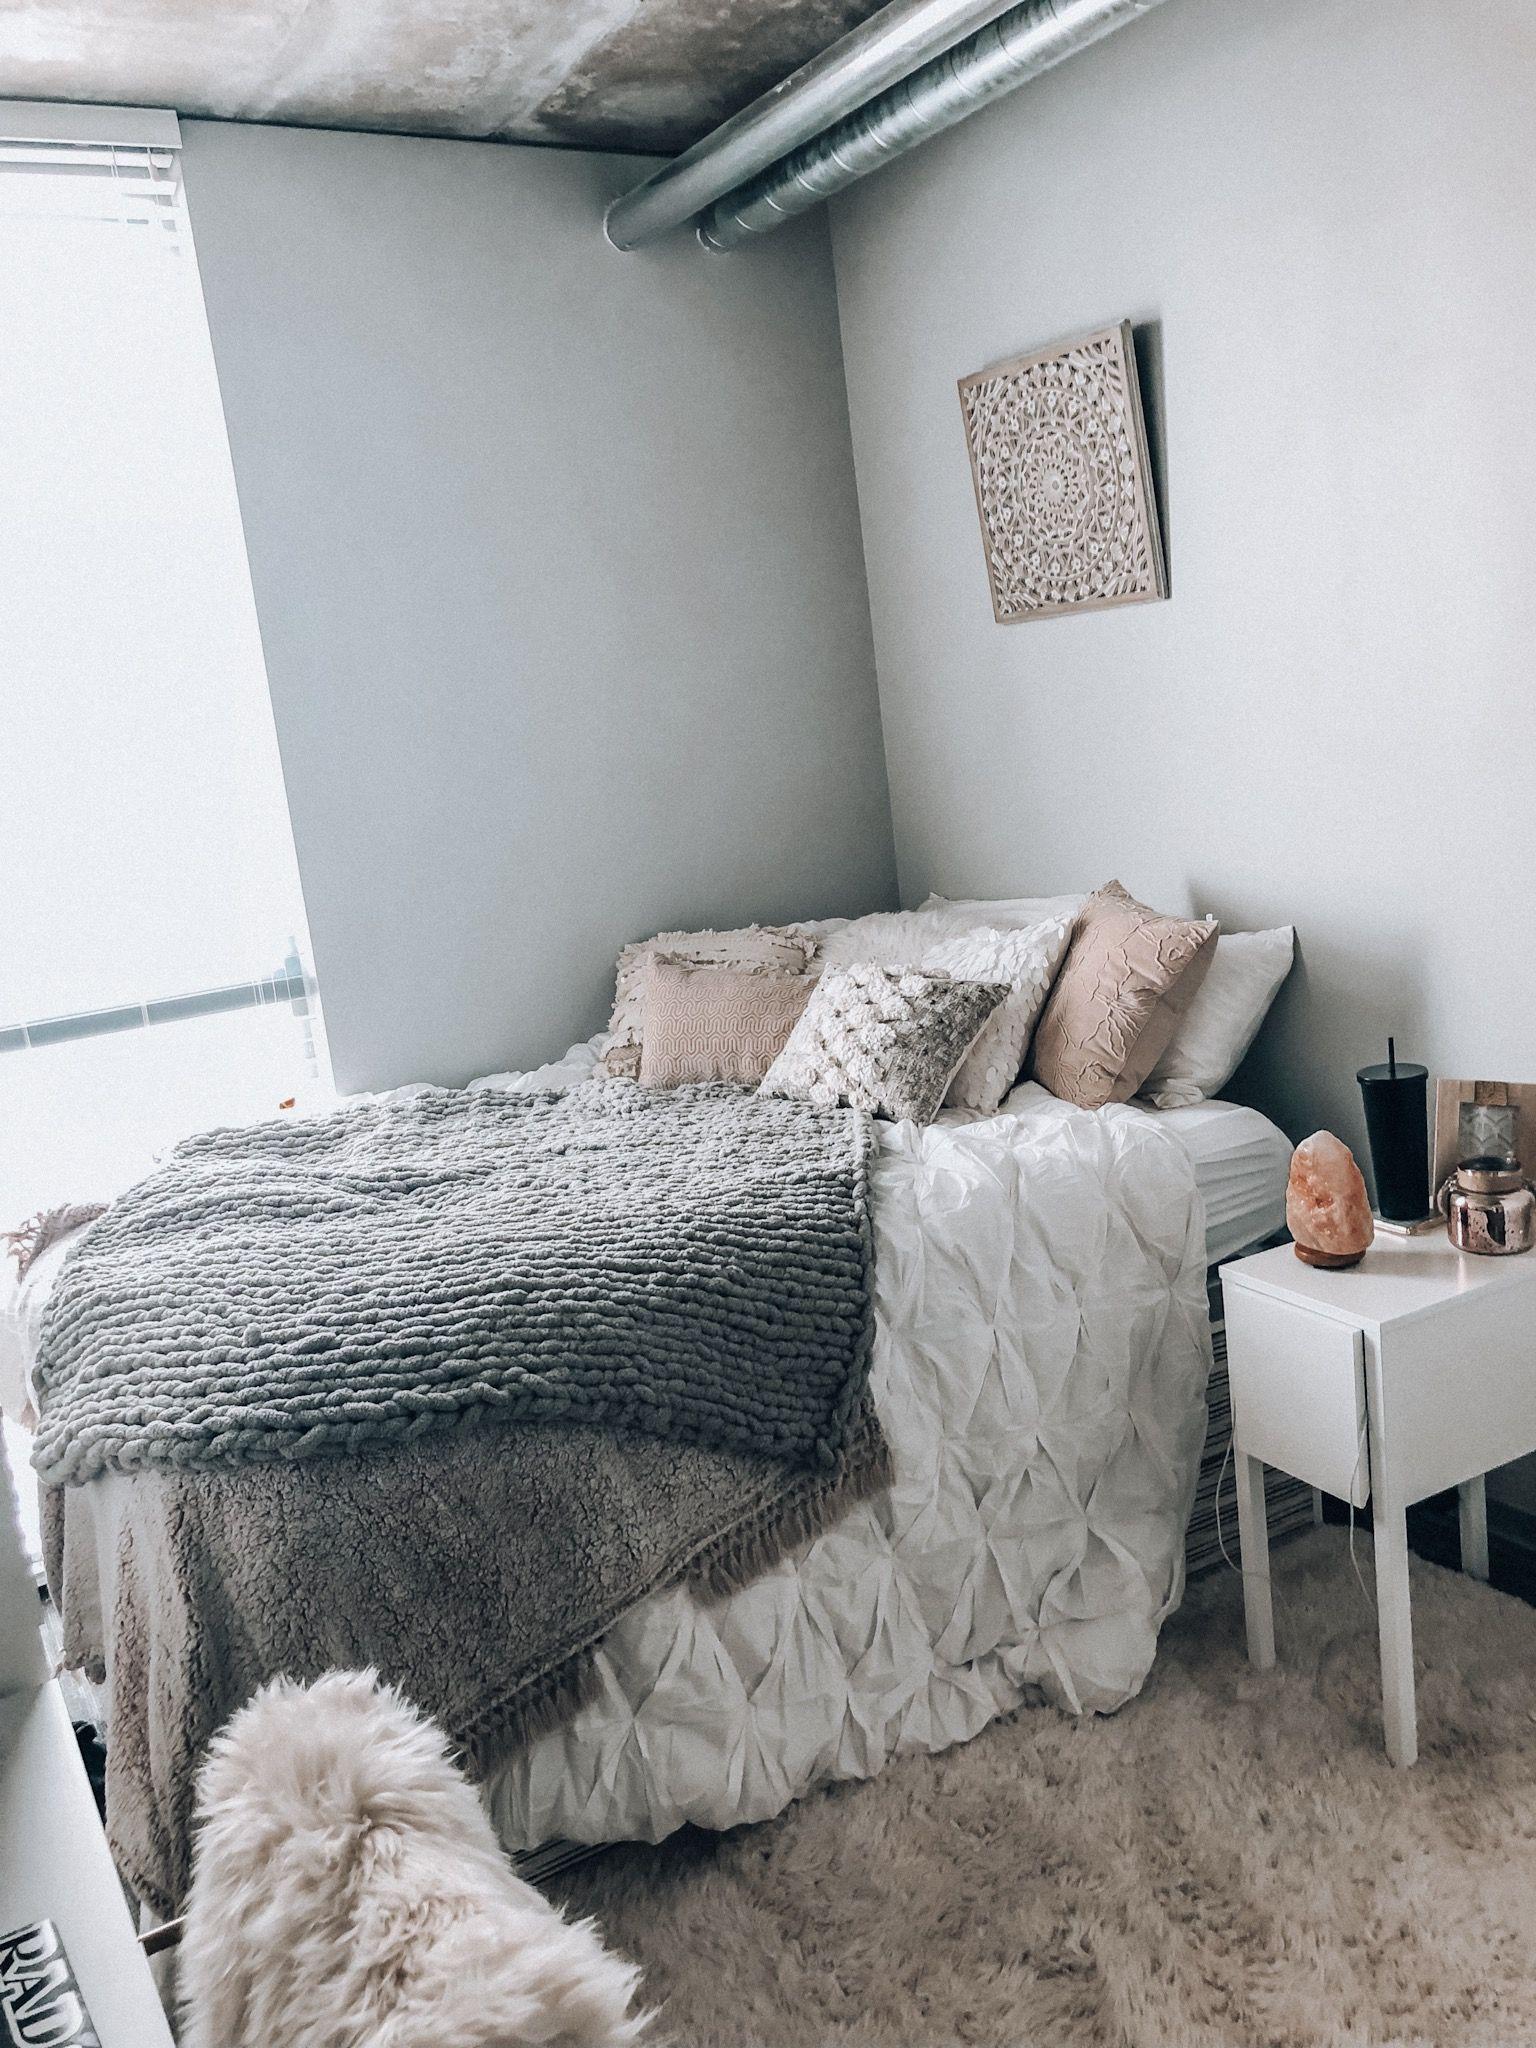 #college #apartment #bedroomideas #decor #bedroomdecor # ...